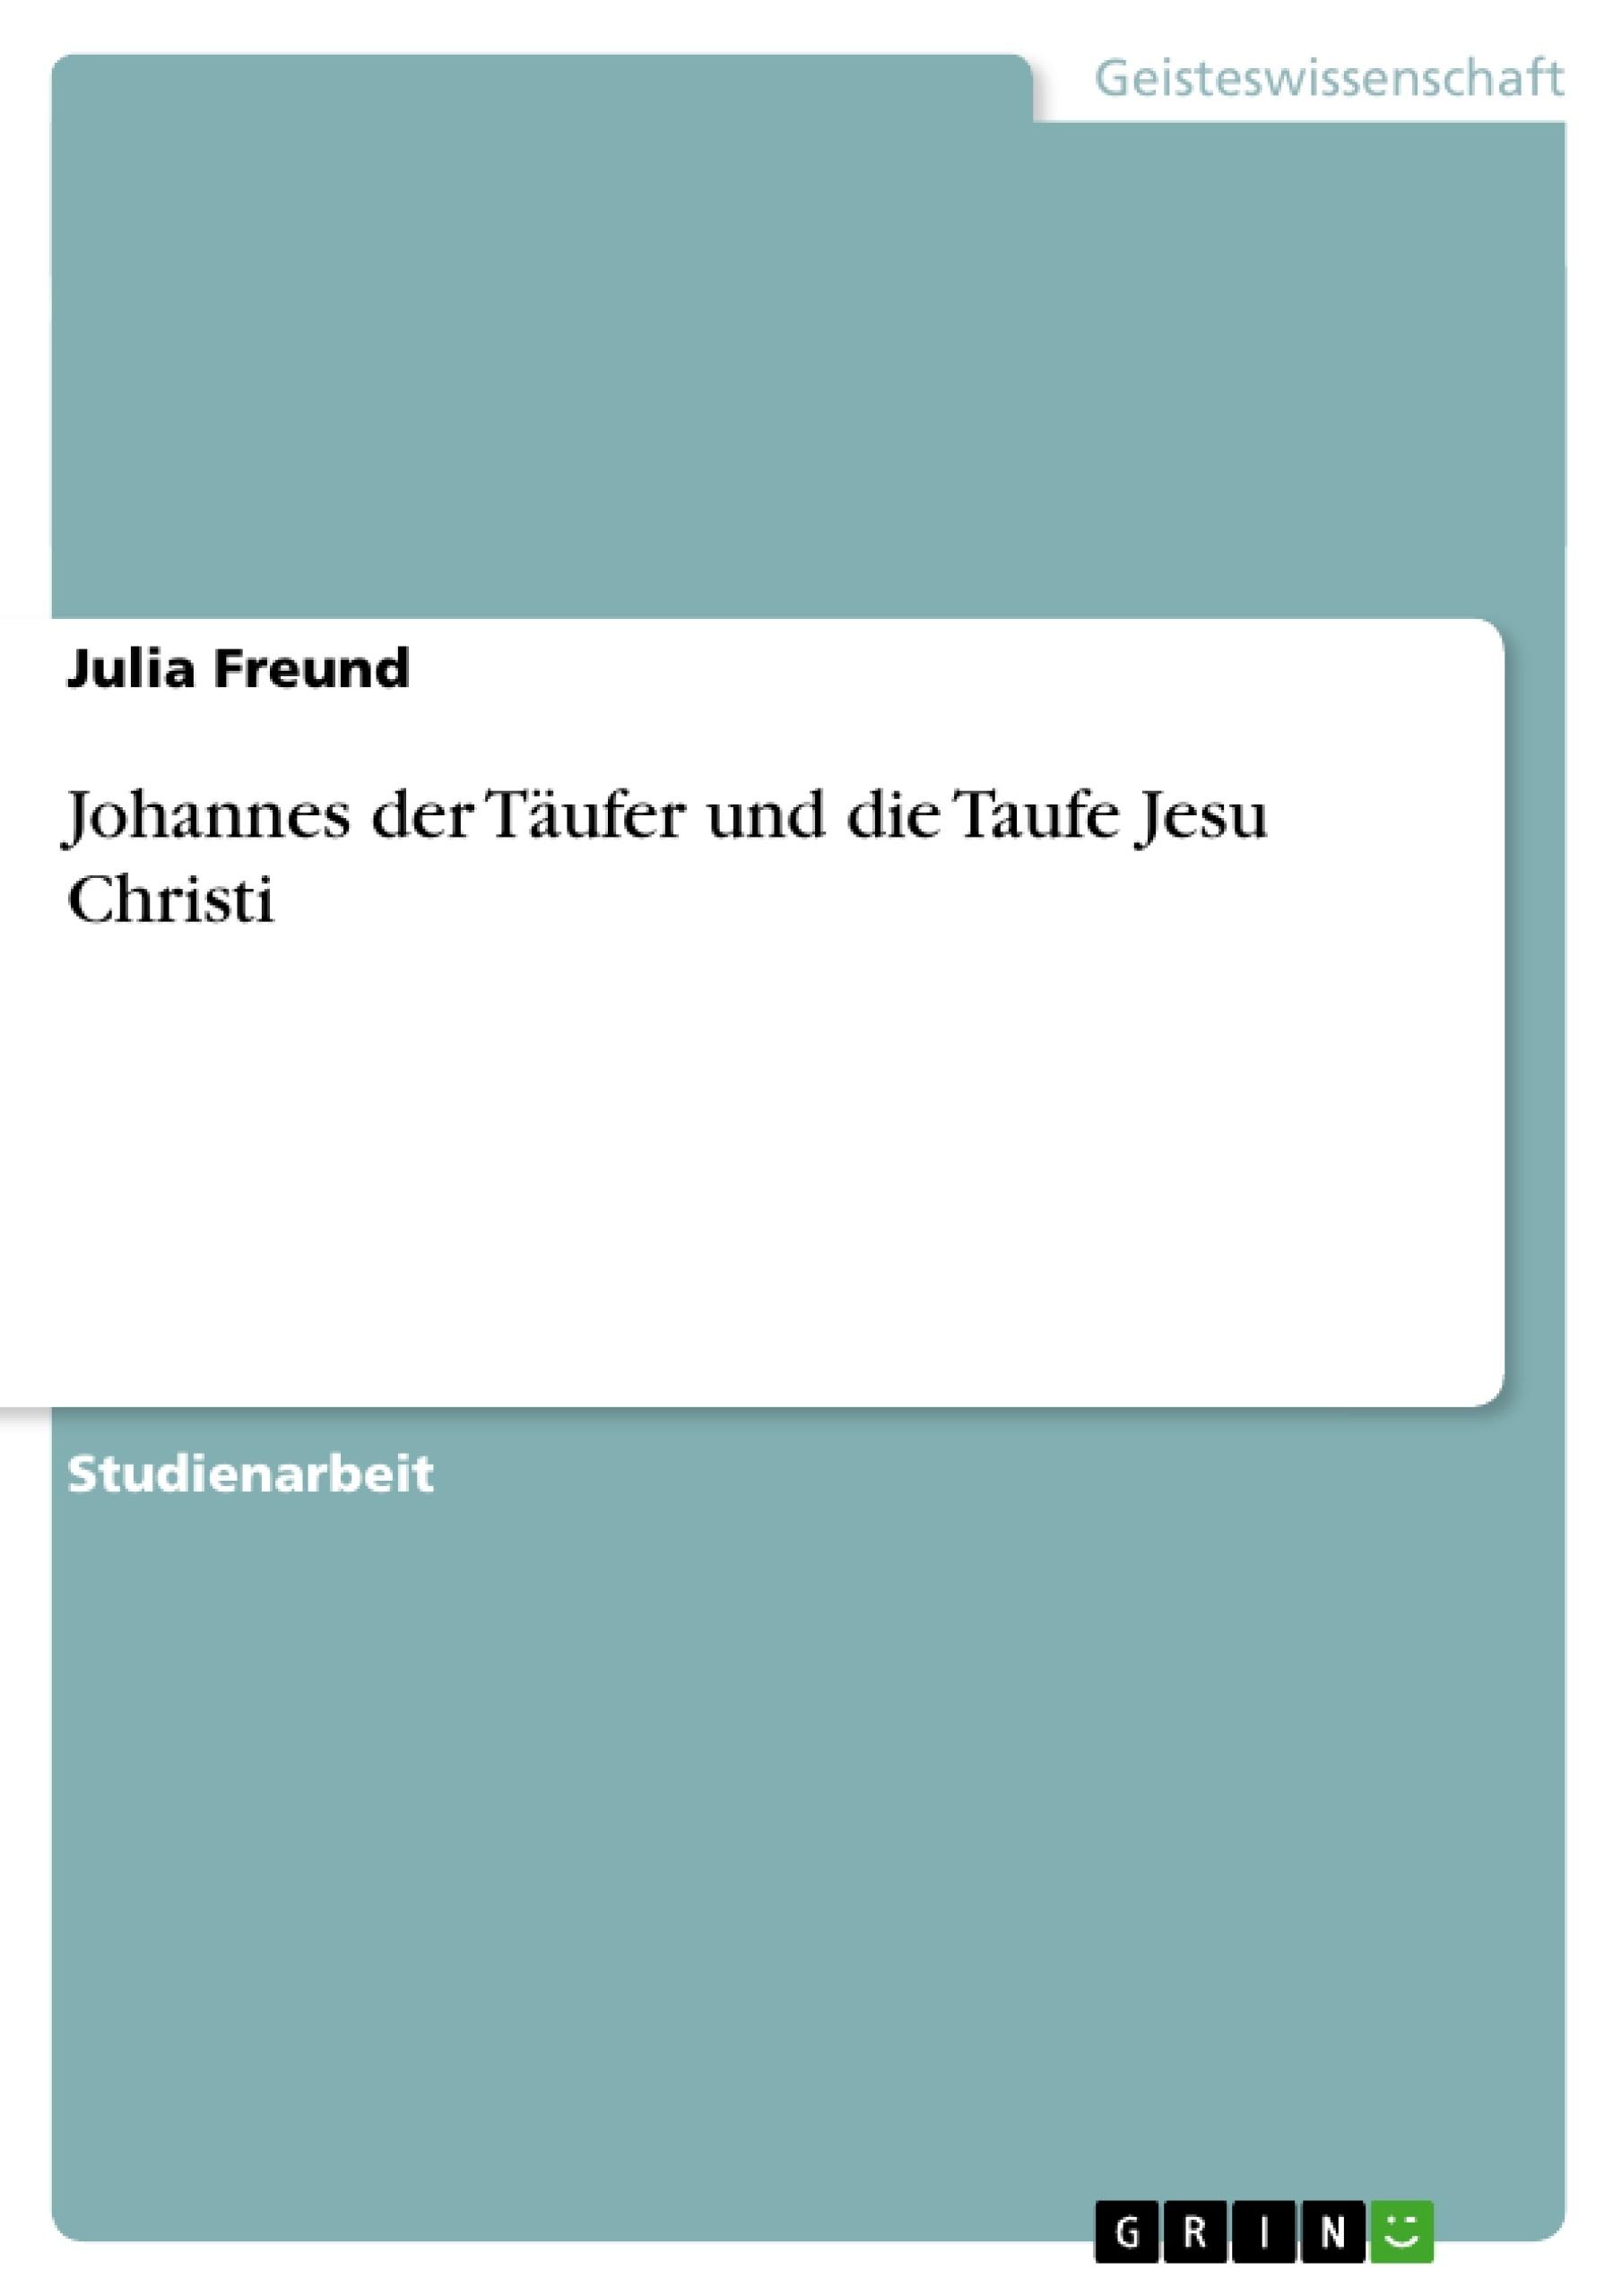 Titel: Johannes der Täufer und die Taufe Jesu Christi